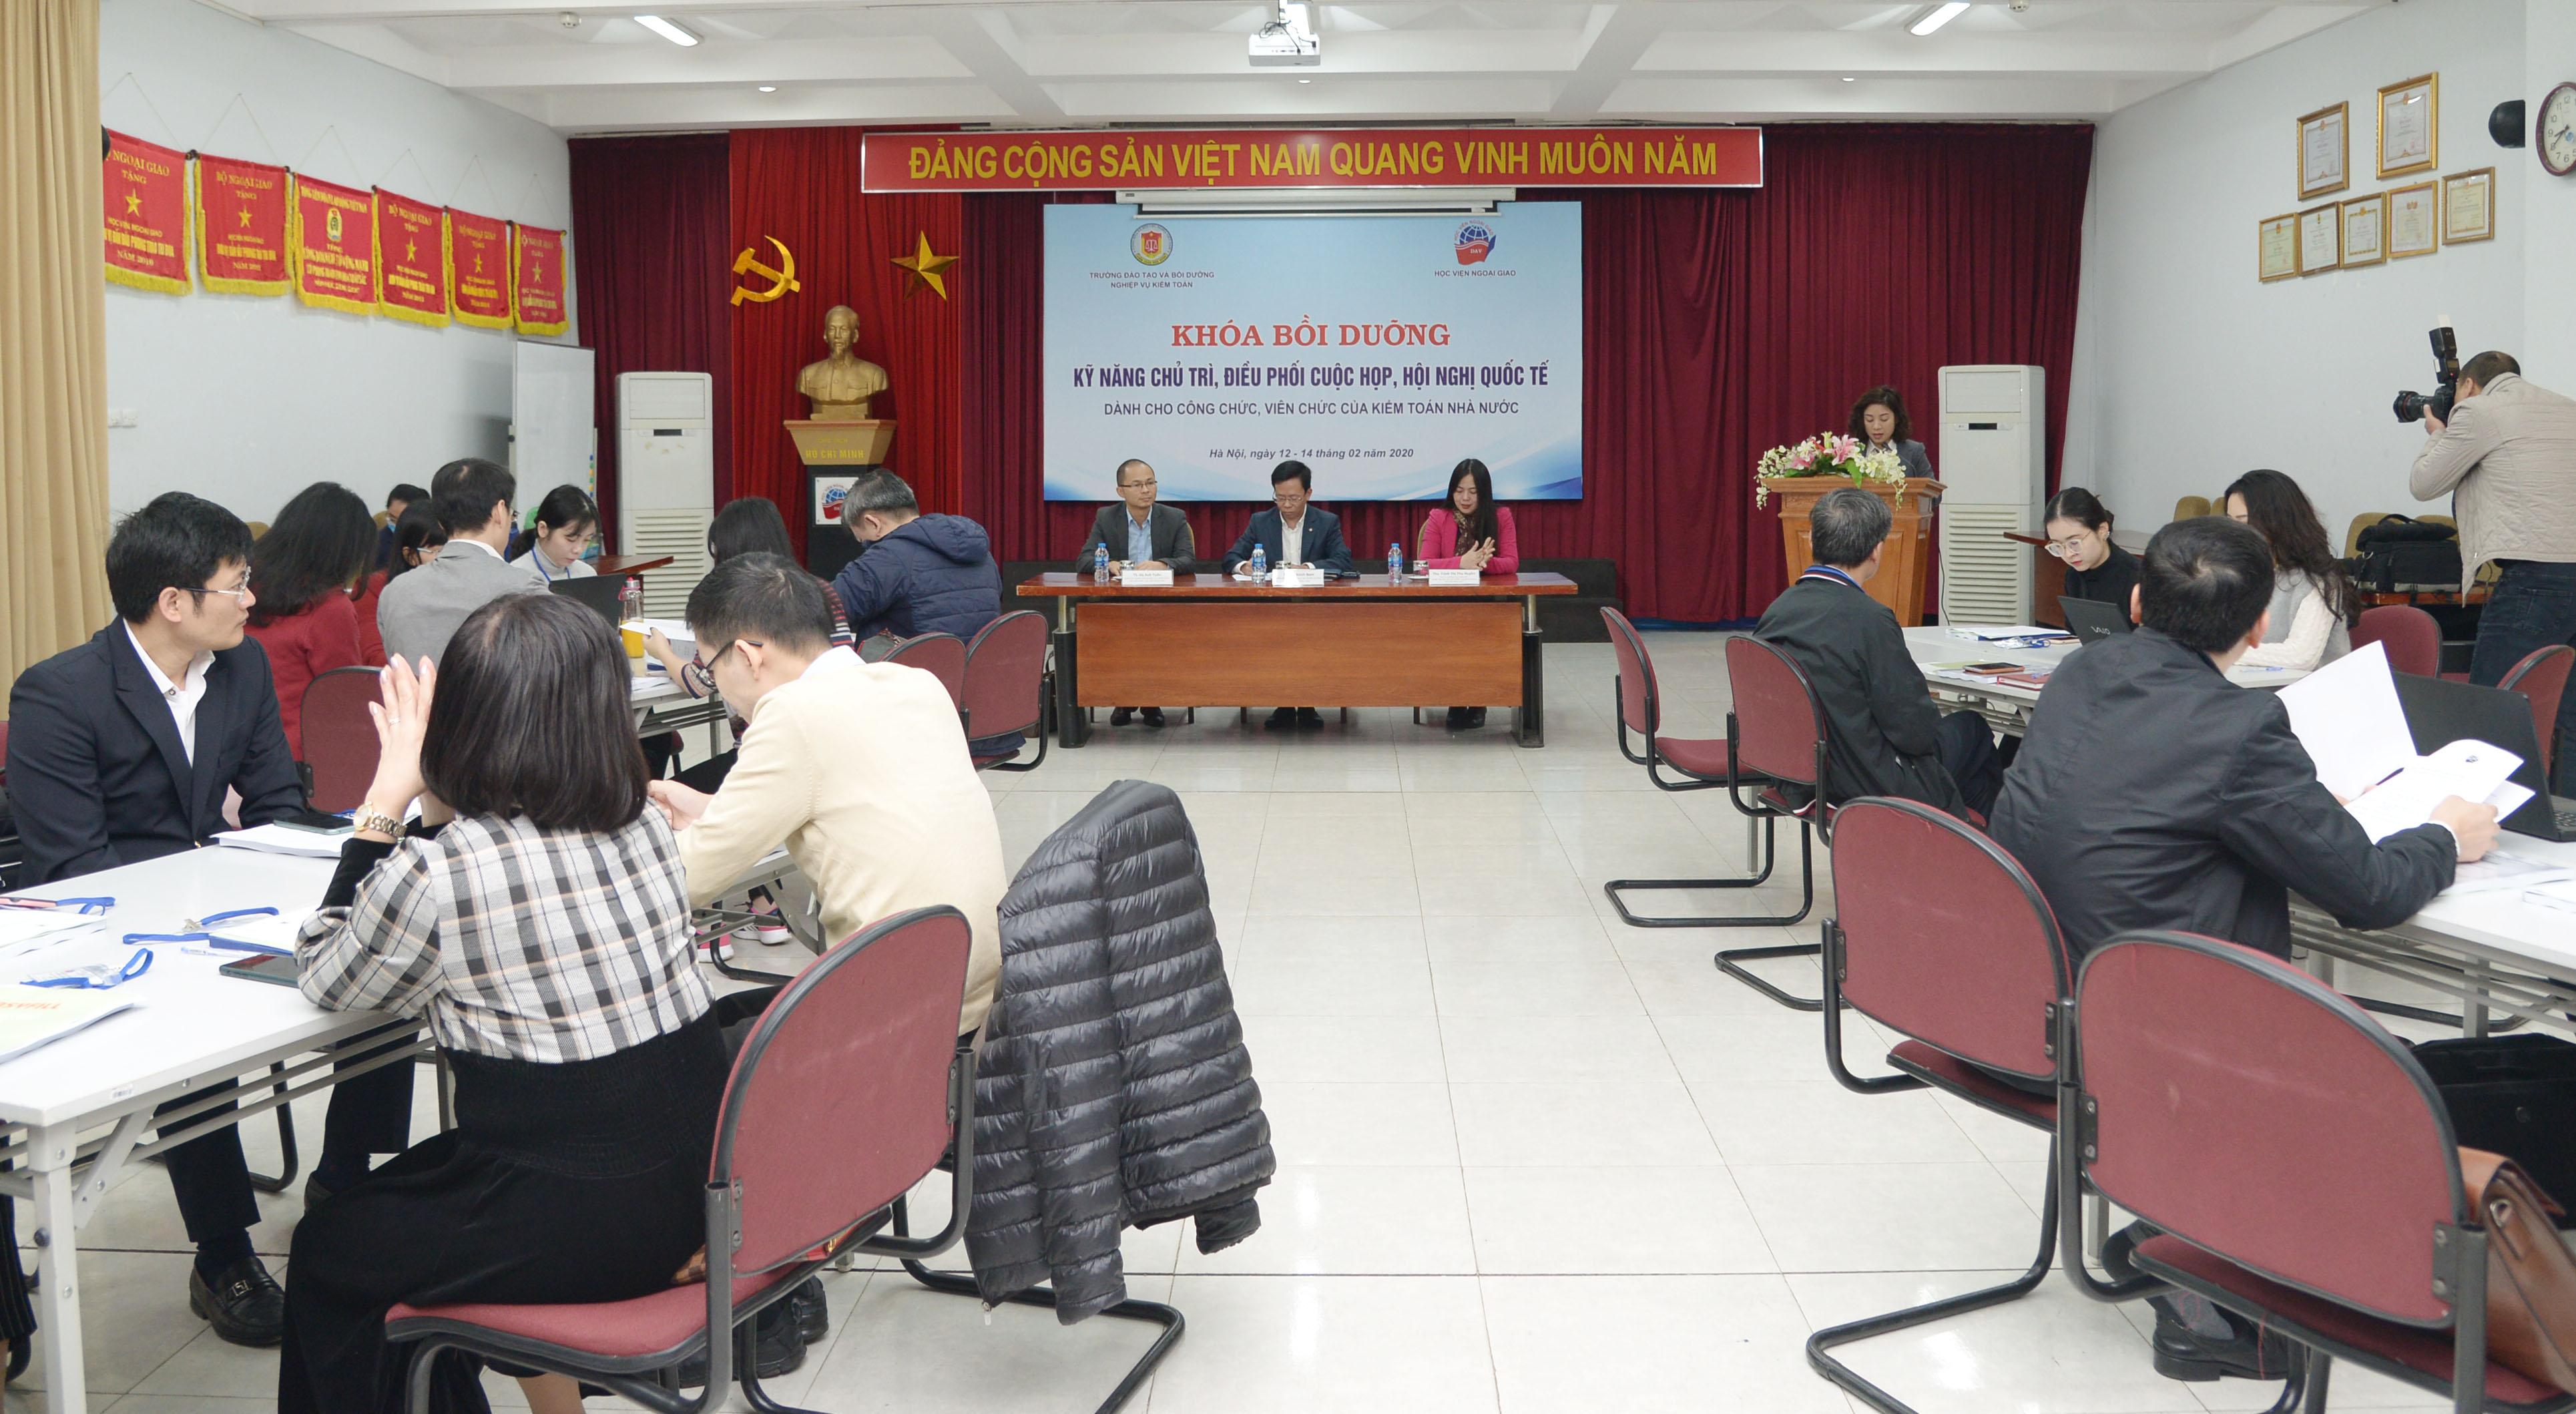 23 học viên tham gia bồi dưỡng kỹ năng chủ trì, điều phối hội nghị quốc tế